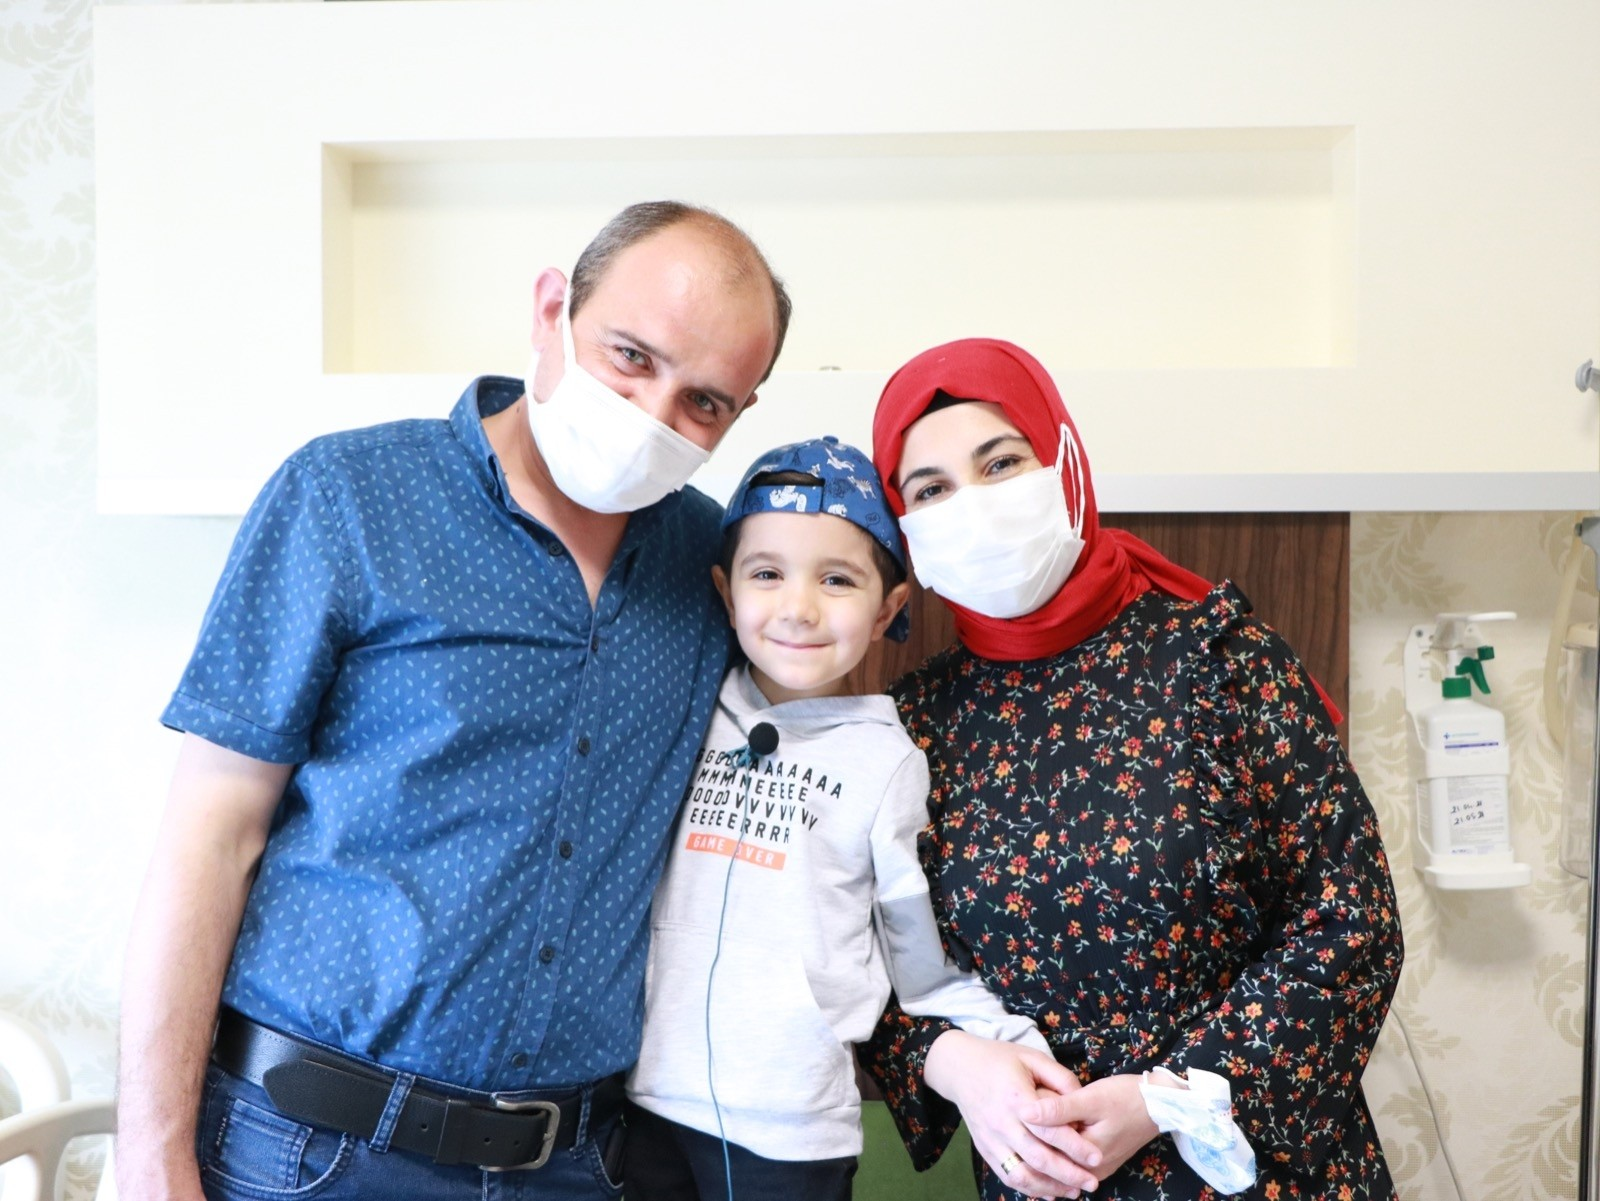 Tekden kalp ekibinden 5 yaşındaki Batuhan'a kalp ameliyatı